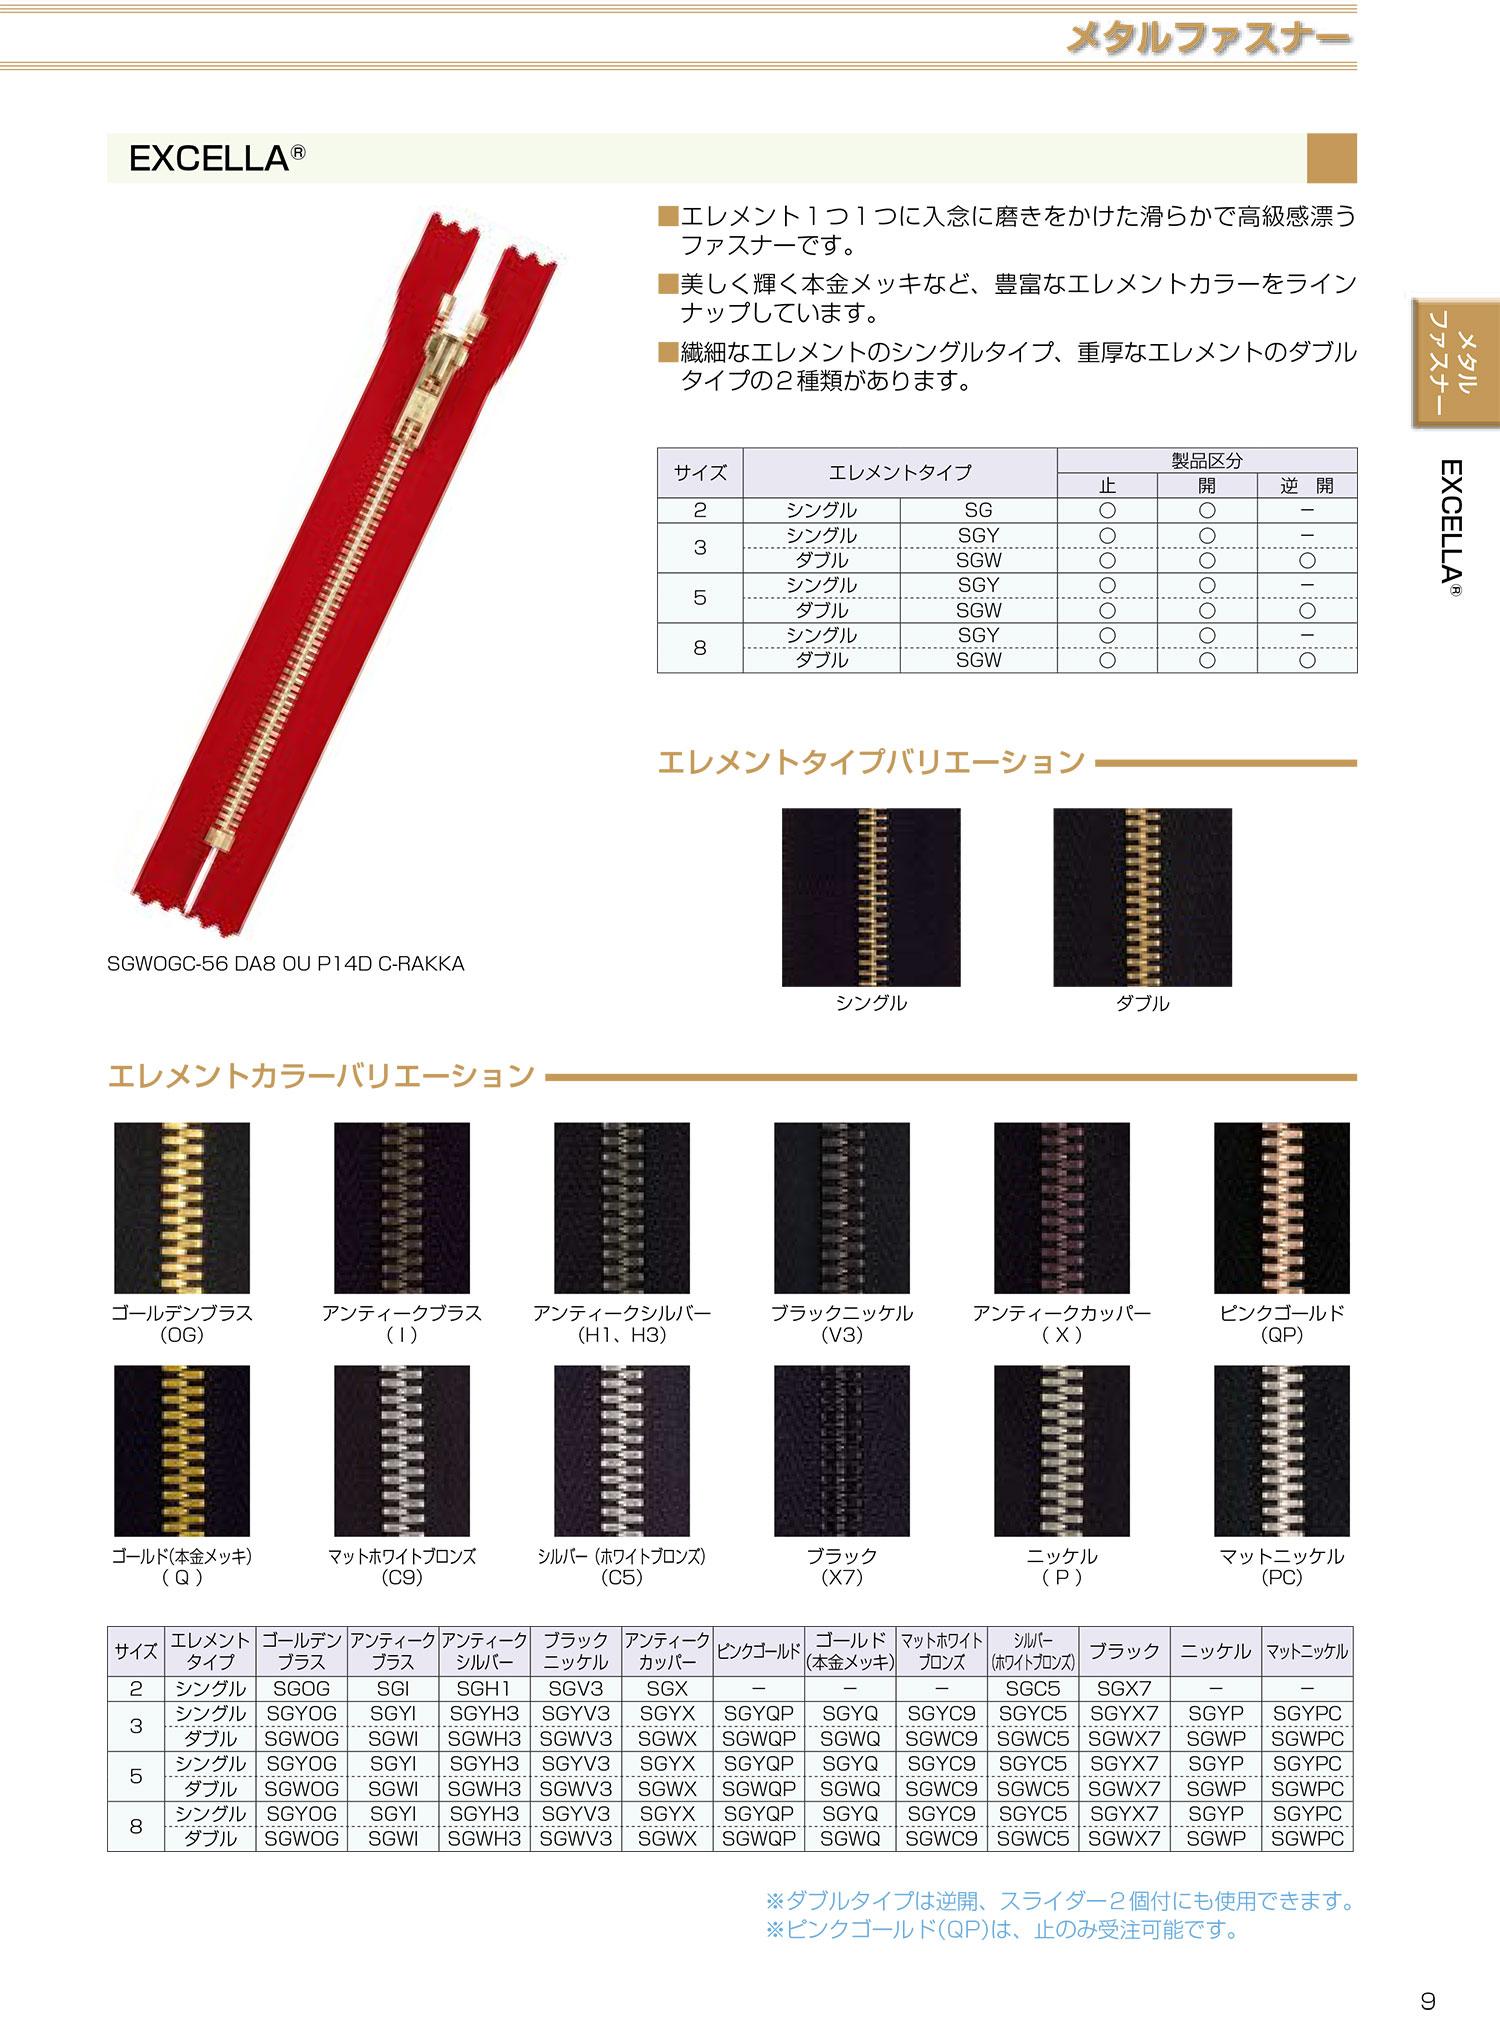 8SGWH3C エクセラ 8サイズ アンティークシルバー 止め ダブル[ファスナー] YKK/オークラ商事 - ApparelX アパレル資材卸通販